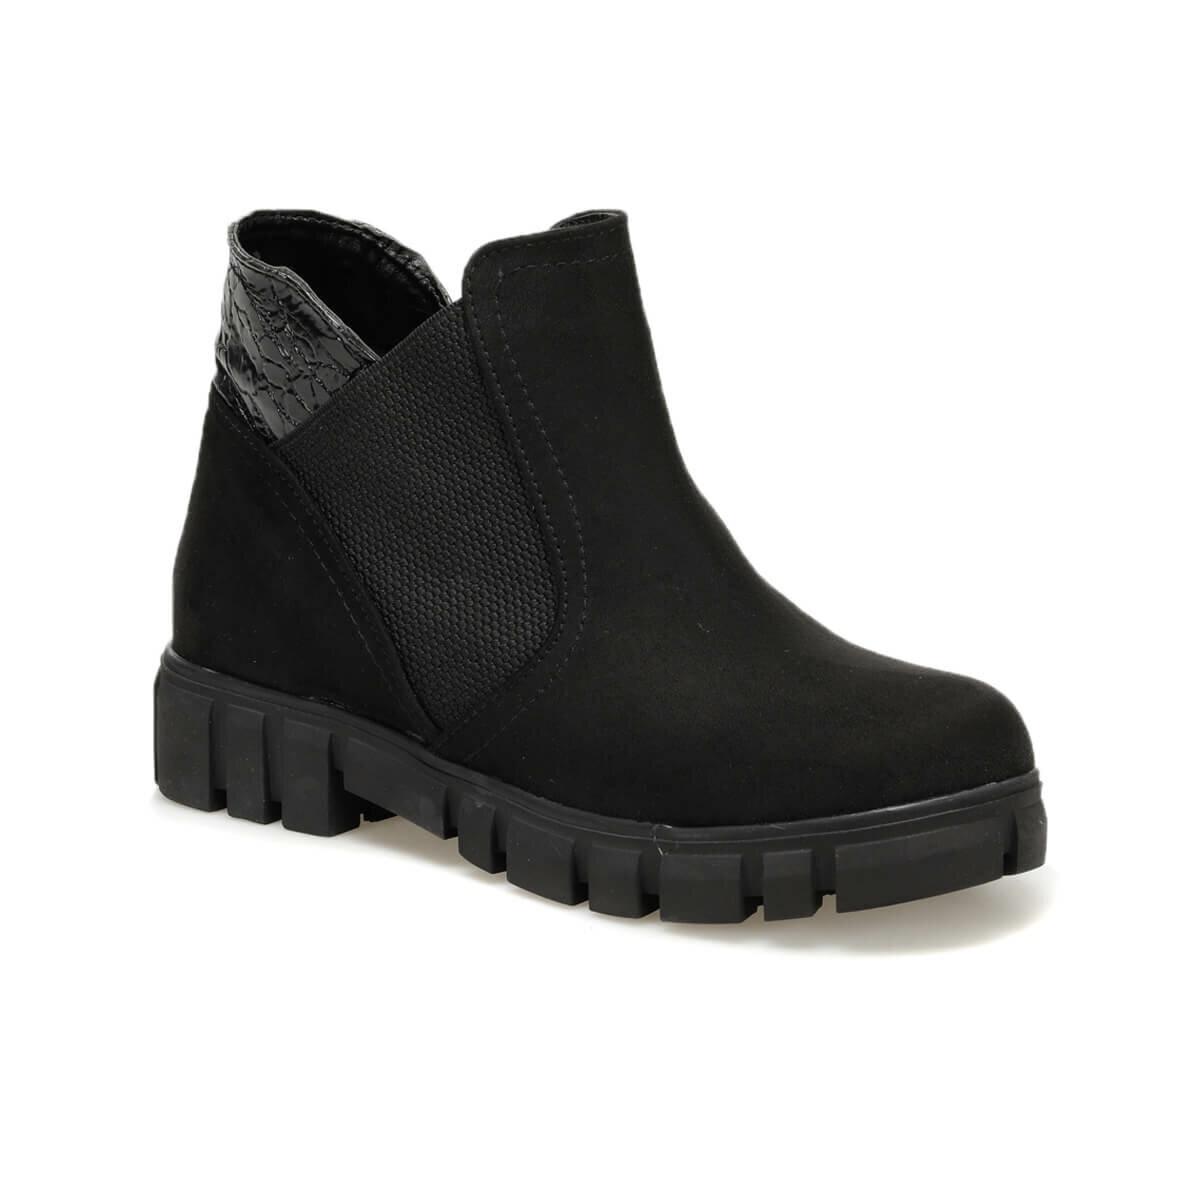 حذاء بوت نسائي أسود من جلد الغزال FLO PİPPO85Z BUTIGO